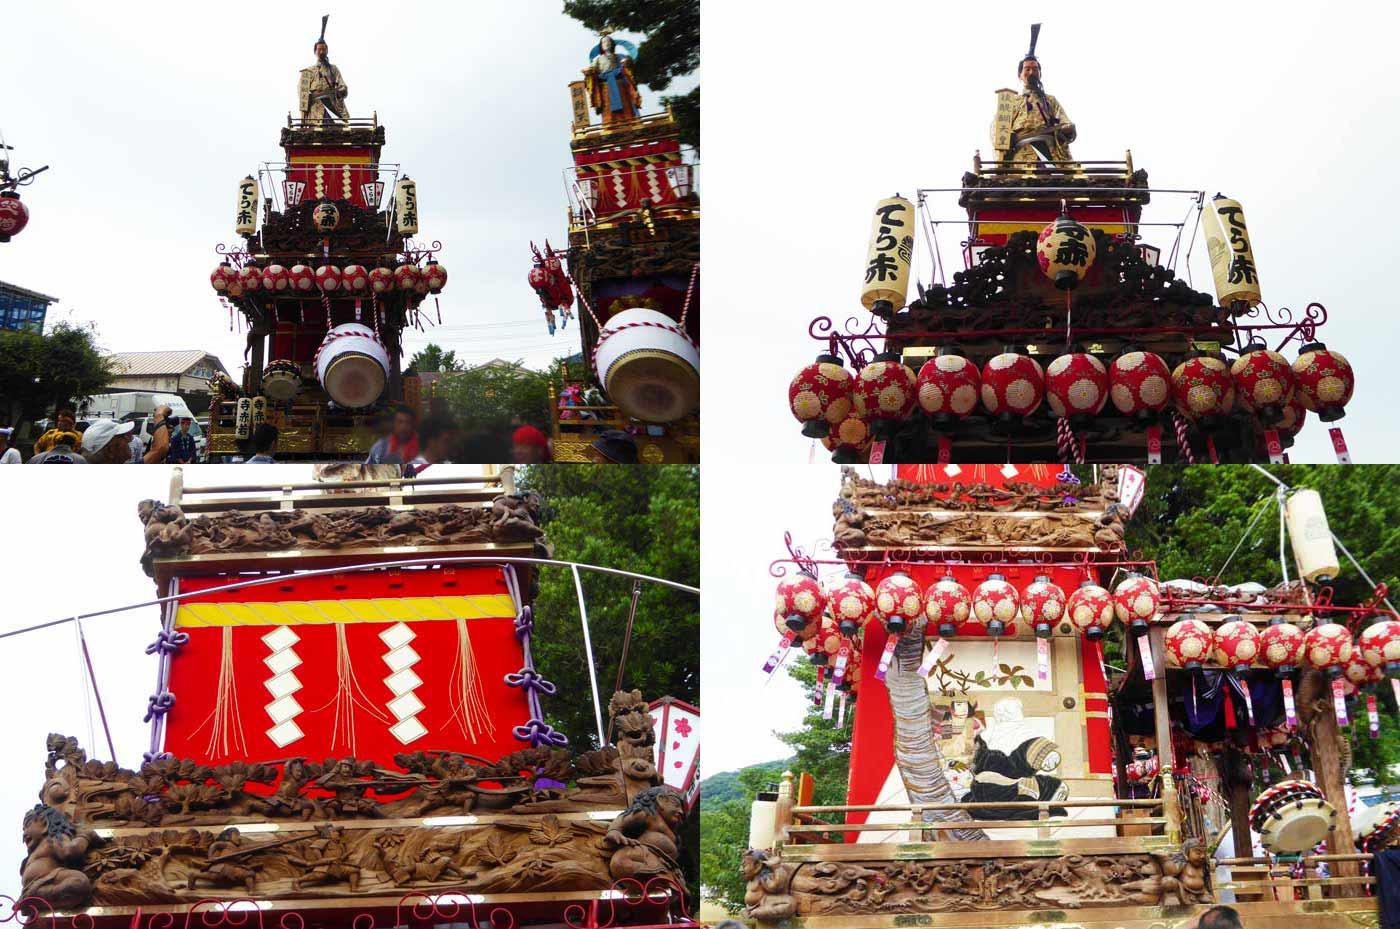 那古寺の祭礼 寺赤の山車